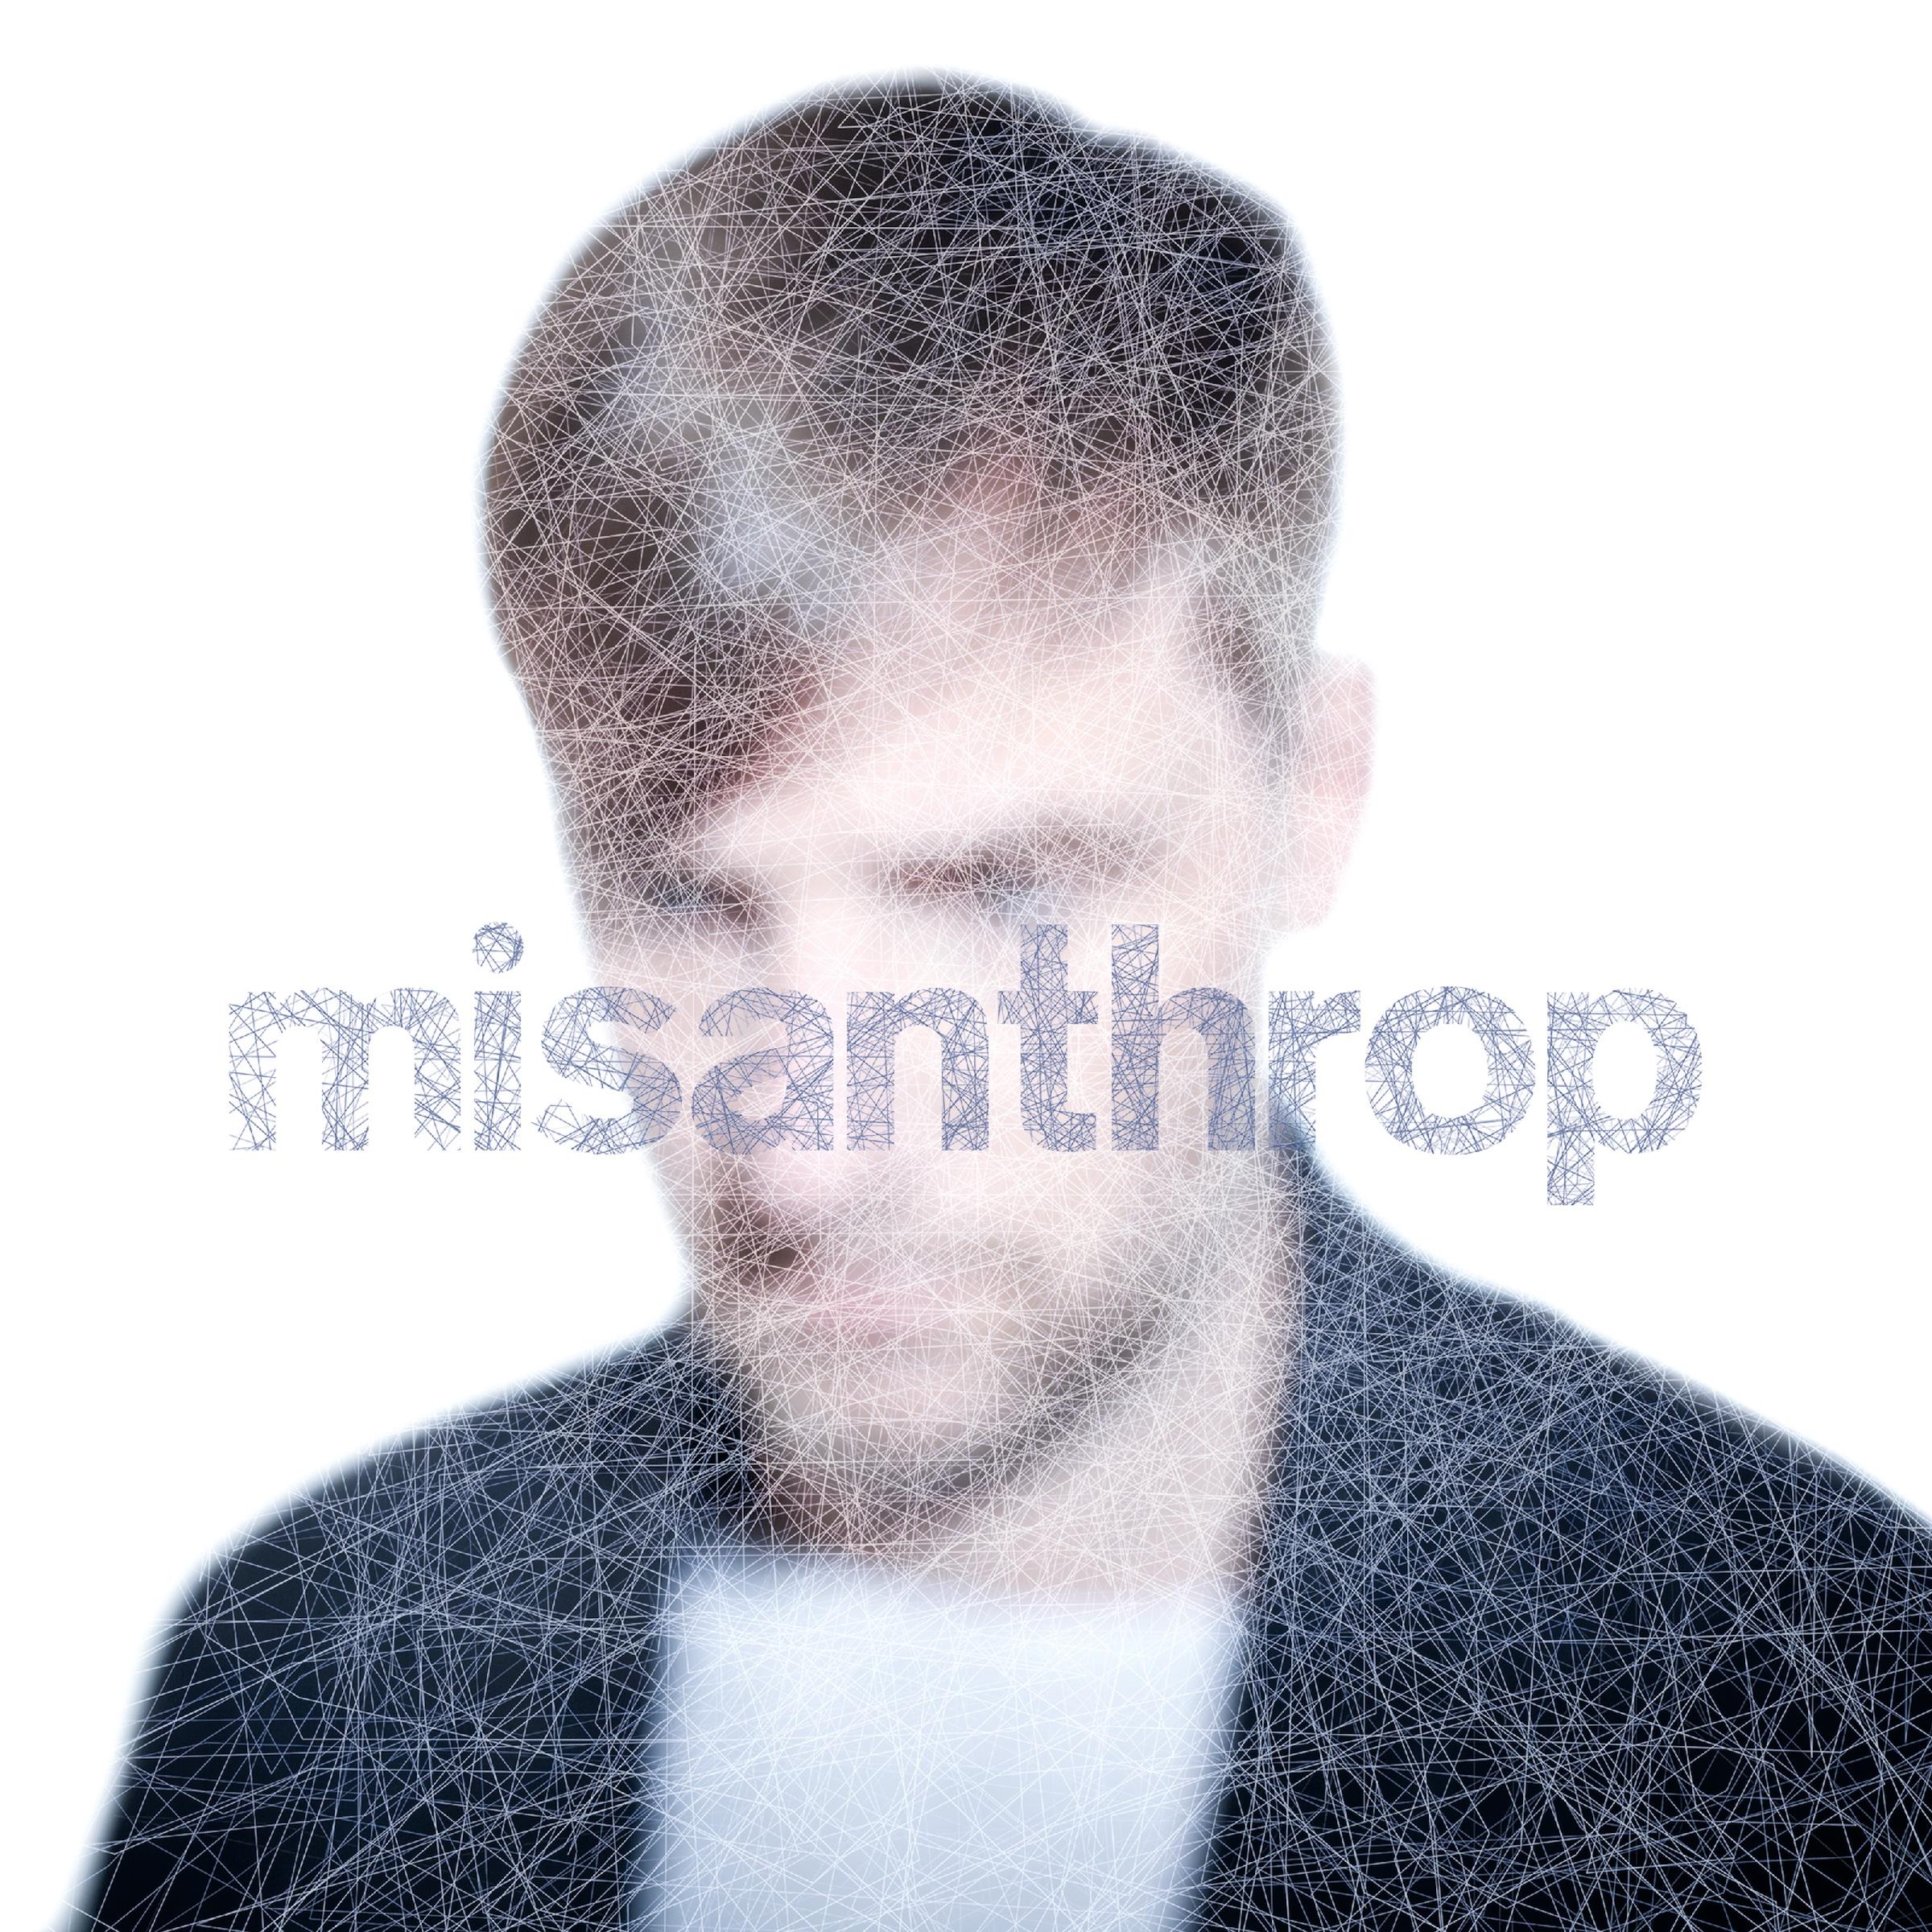 Misanthrop/MISANTHROP 3LP